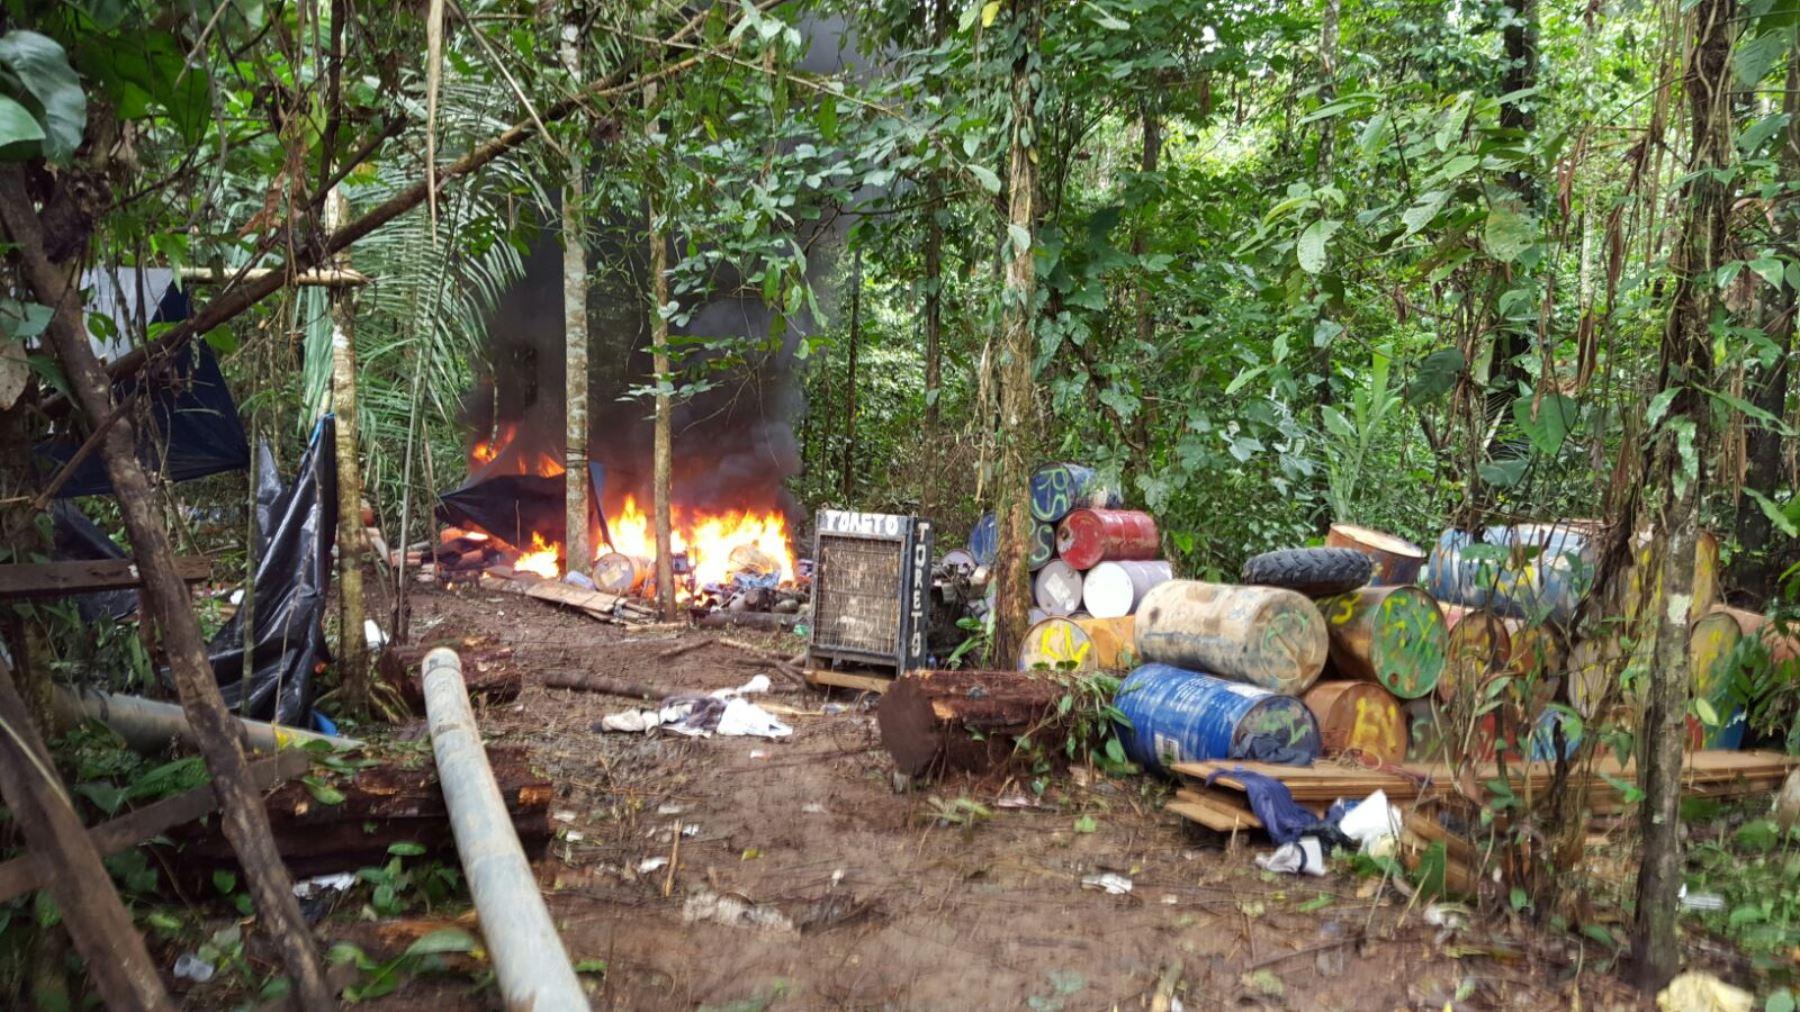 Realizan operativo de interdicción contra la minería ilegal en Reserva Nacional Tambopata.